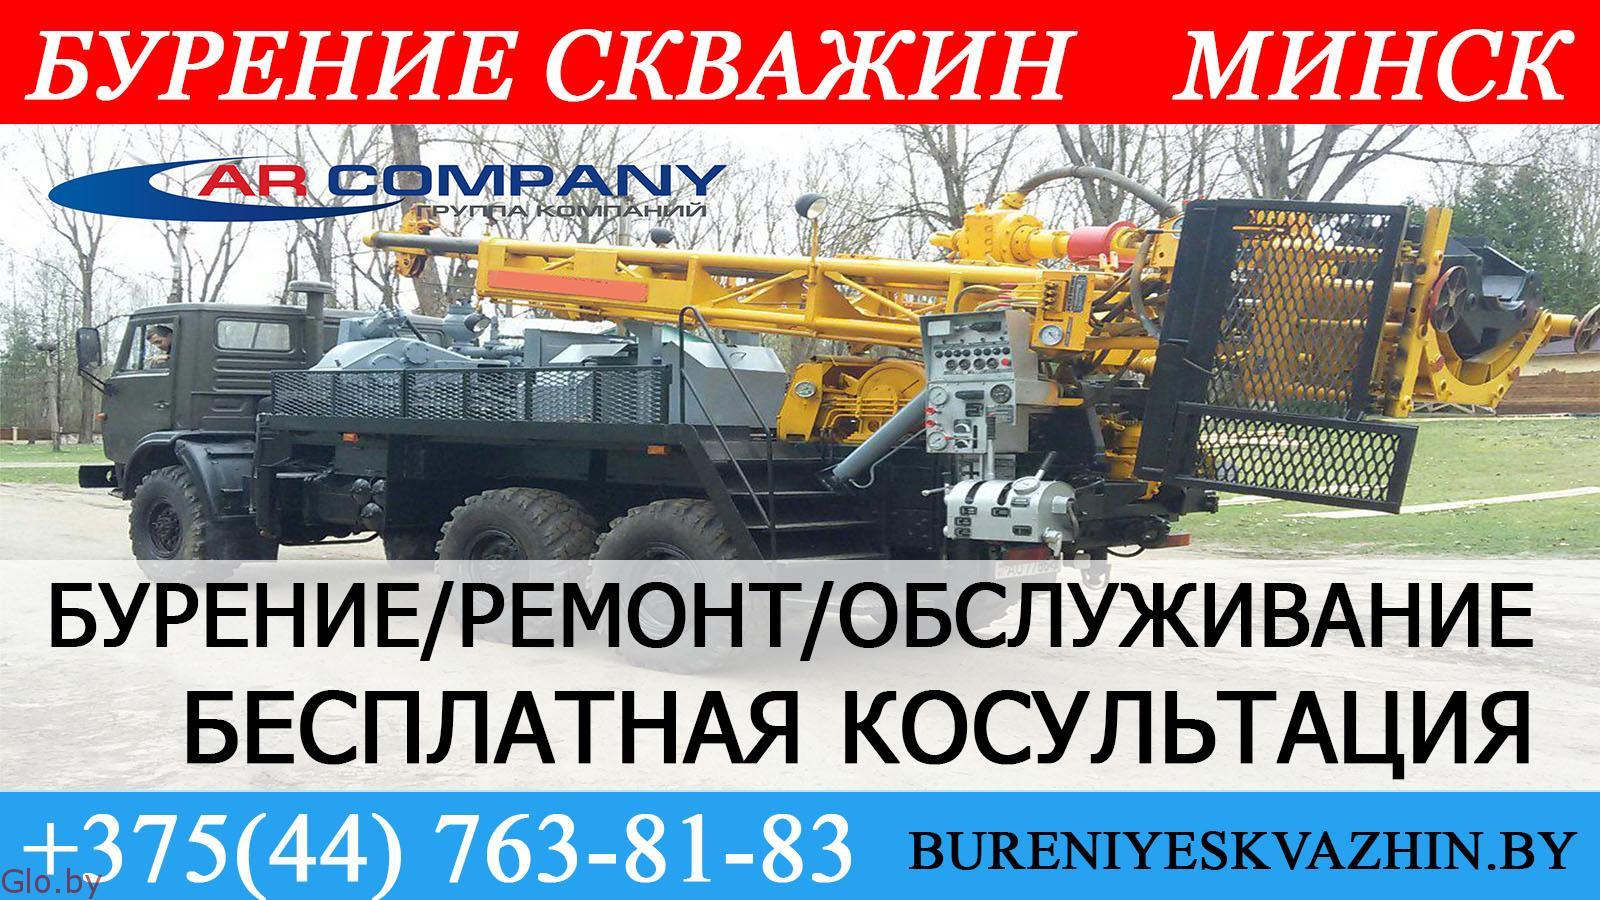 Скважина под ключ Минск Цена